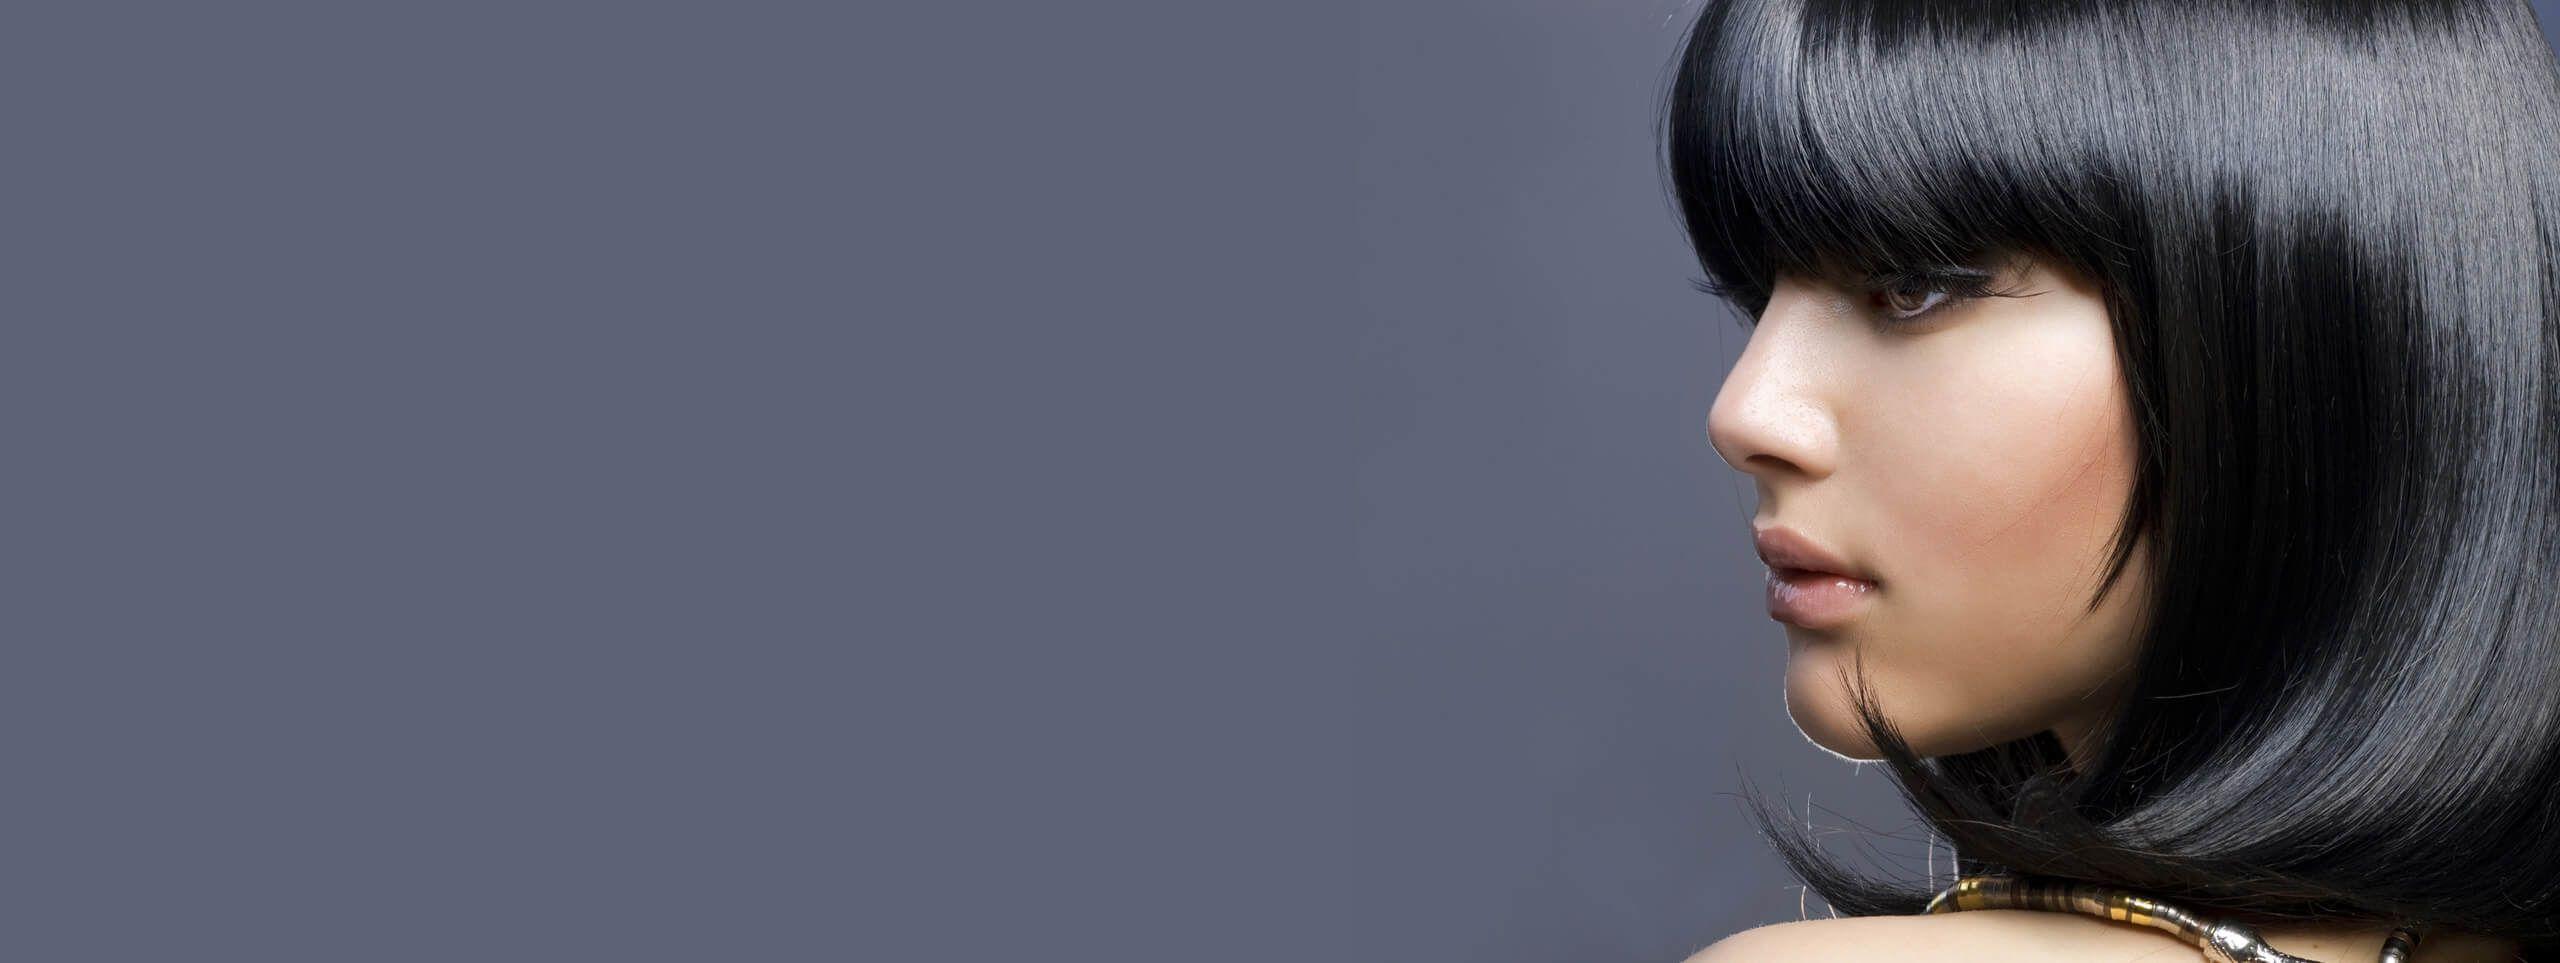 Femme brune cheveux au carré brillant